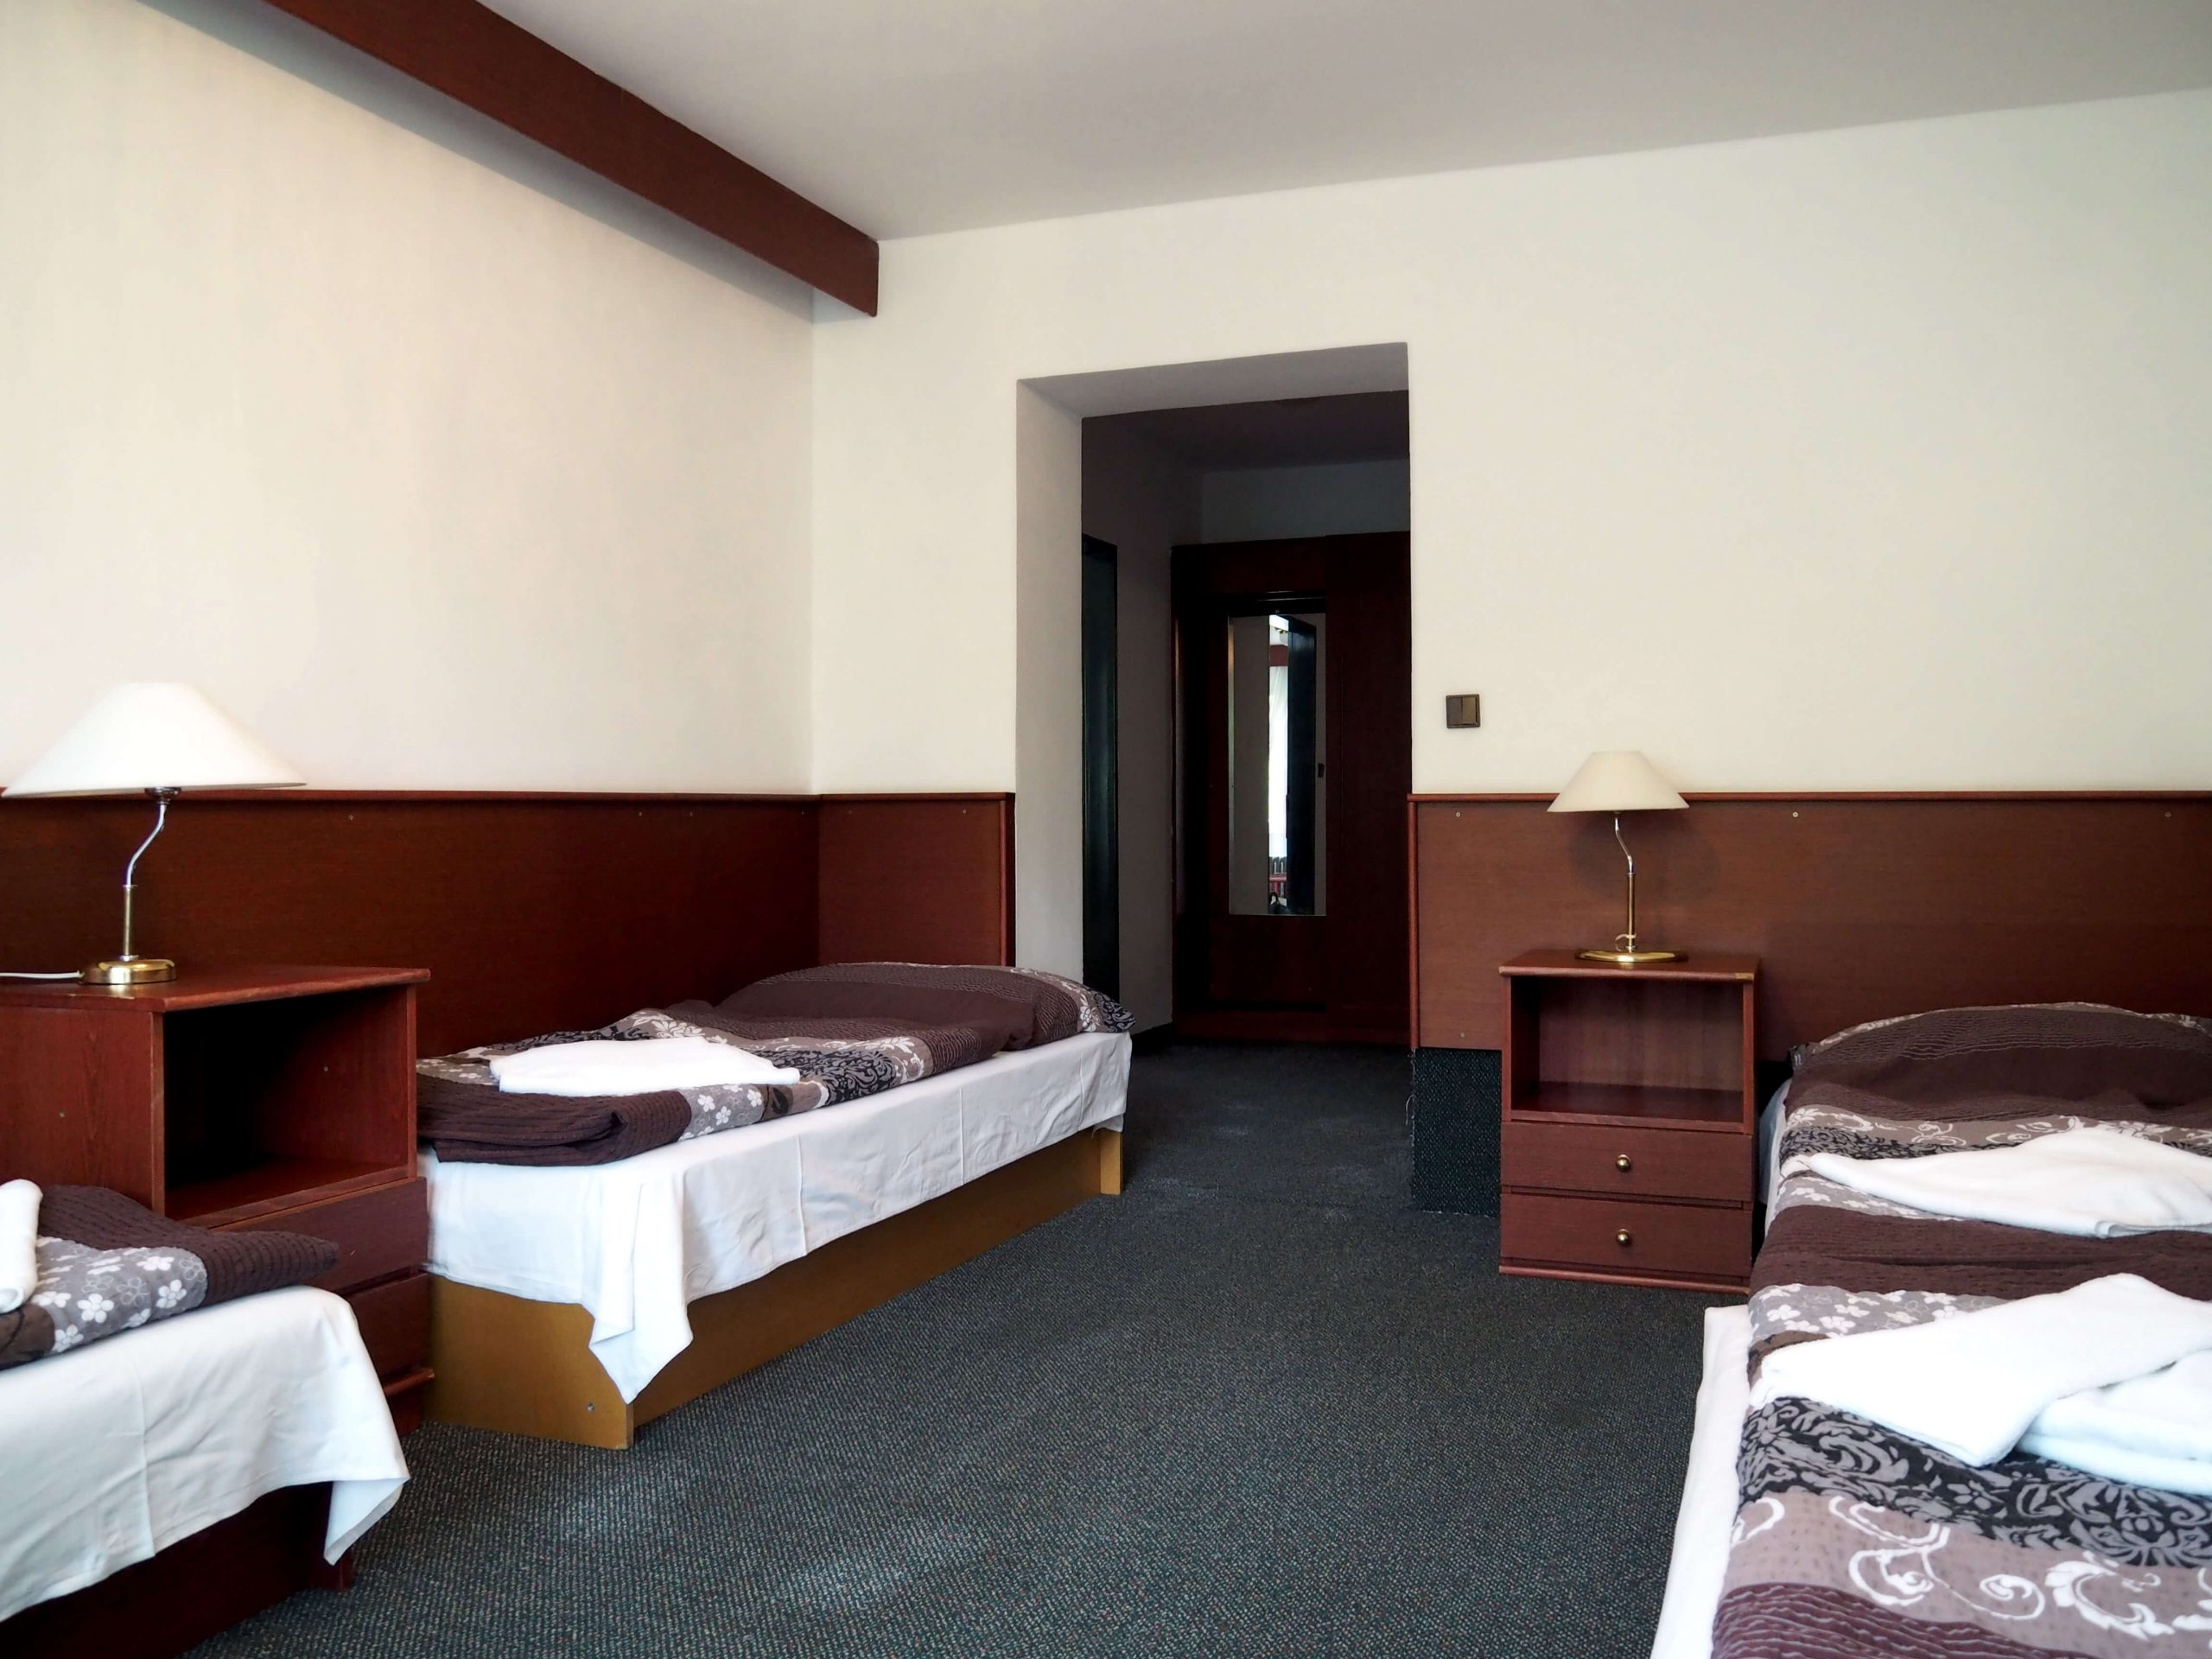 Hotel Astra Srby u města Kladno pokoj 101B (6)